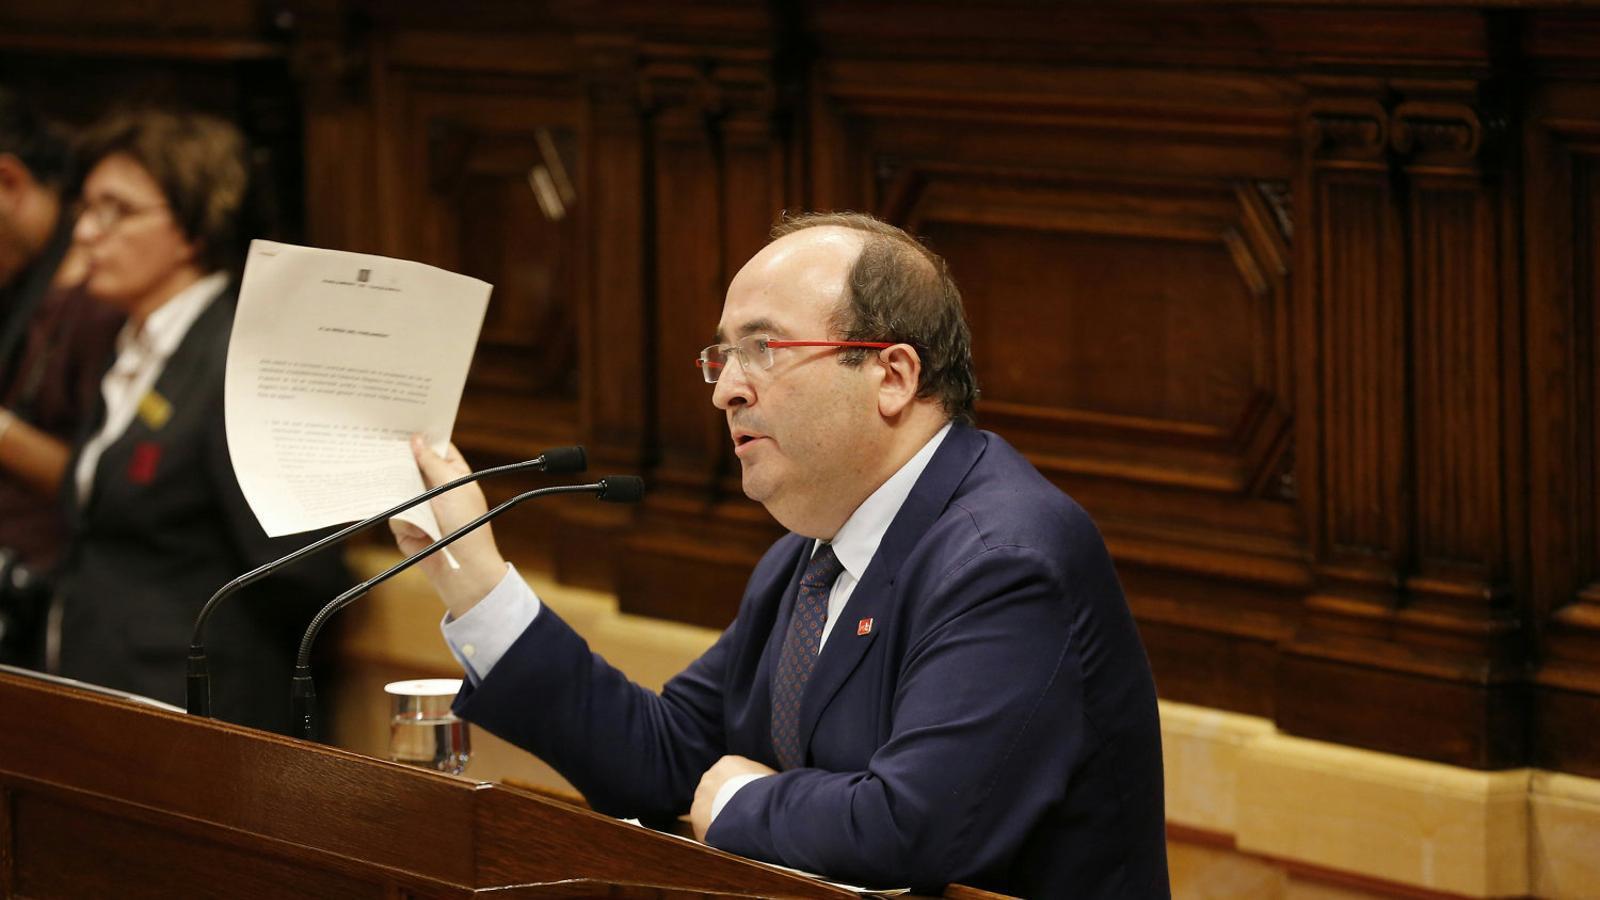 [GOVERN] Convalidación del Decreto-Ley por el cual se reorganizan los cuerpos de seguridad y de emergencias de Catalunya Lider-PSC-Miquel-Iceta-lhemicicle_1865223555_46733089_651x366